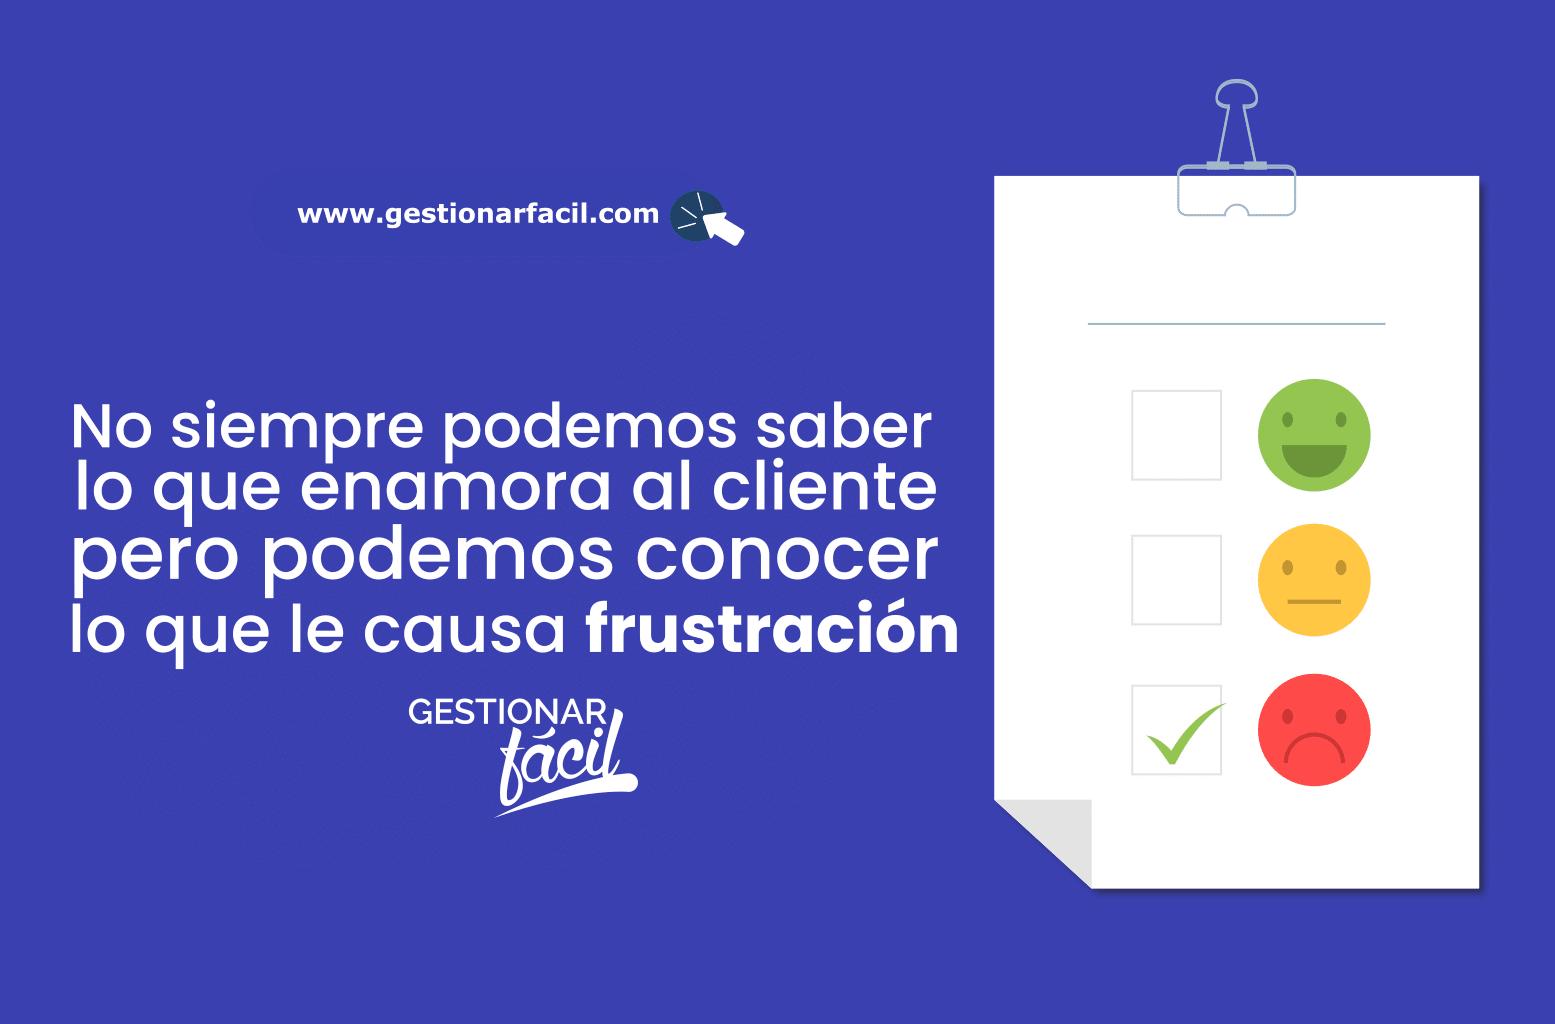 No siempre sabemos lo que enamora a cada cliente. Pero lo que sí podemos conocer es lo que le causa frustración.